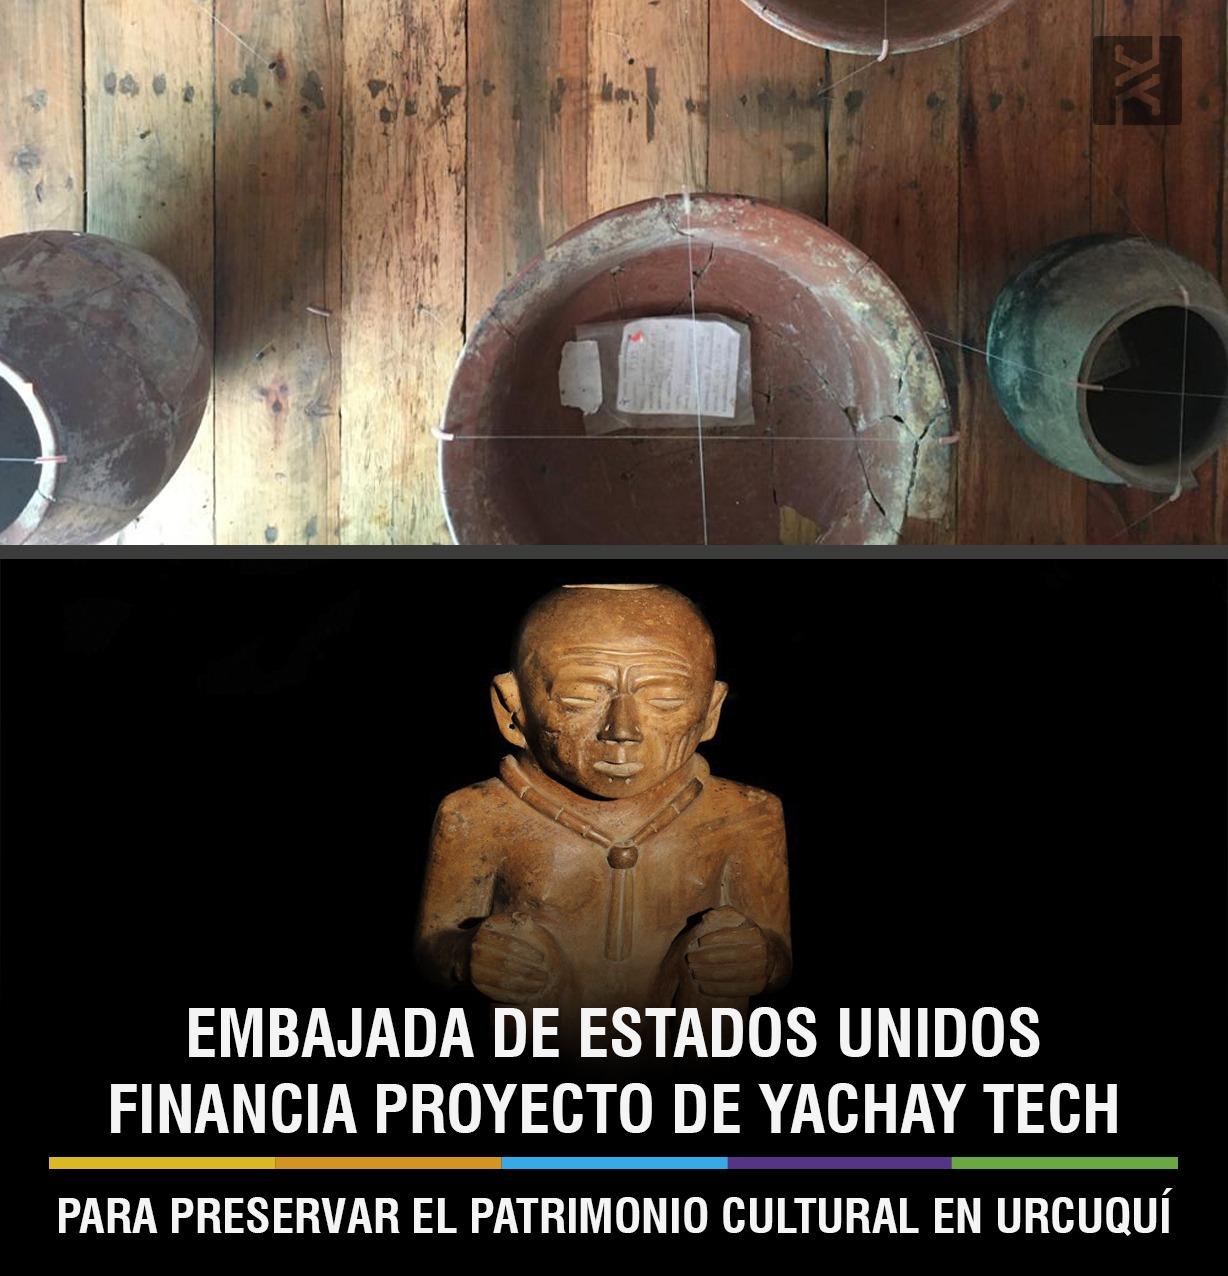 EMBAJADA DE ESTADOS UNIDOS FINANCIA PROYECTO DE YACHAY TECH, PARA PRESERVAR EL PATRIMONIO CULTURAL EN URCUQUÍ